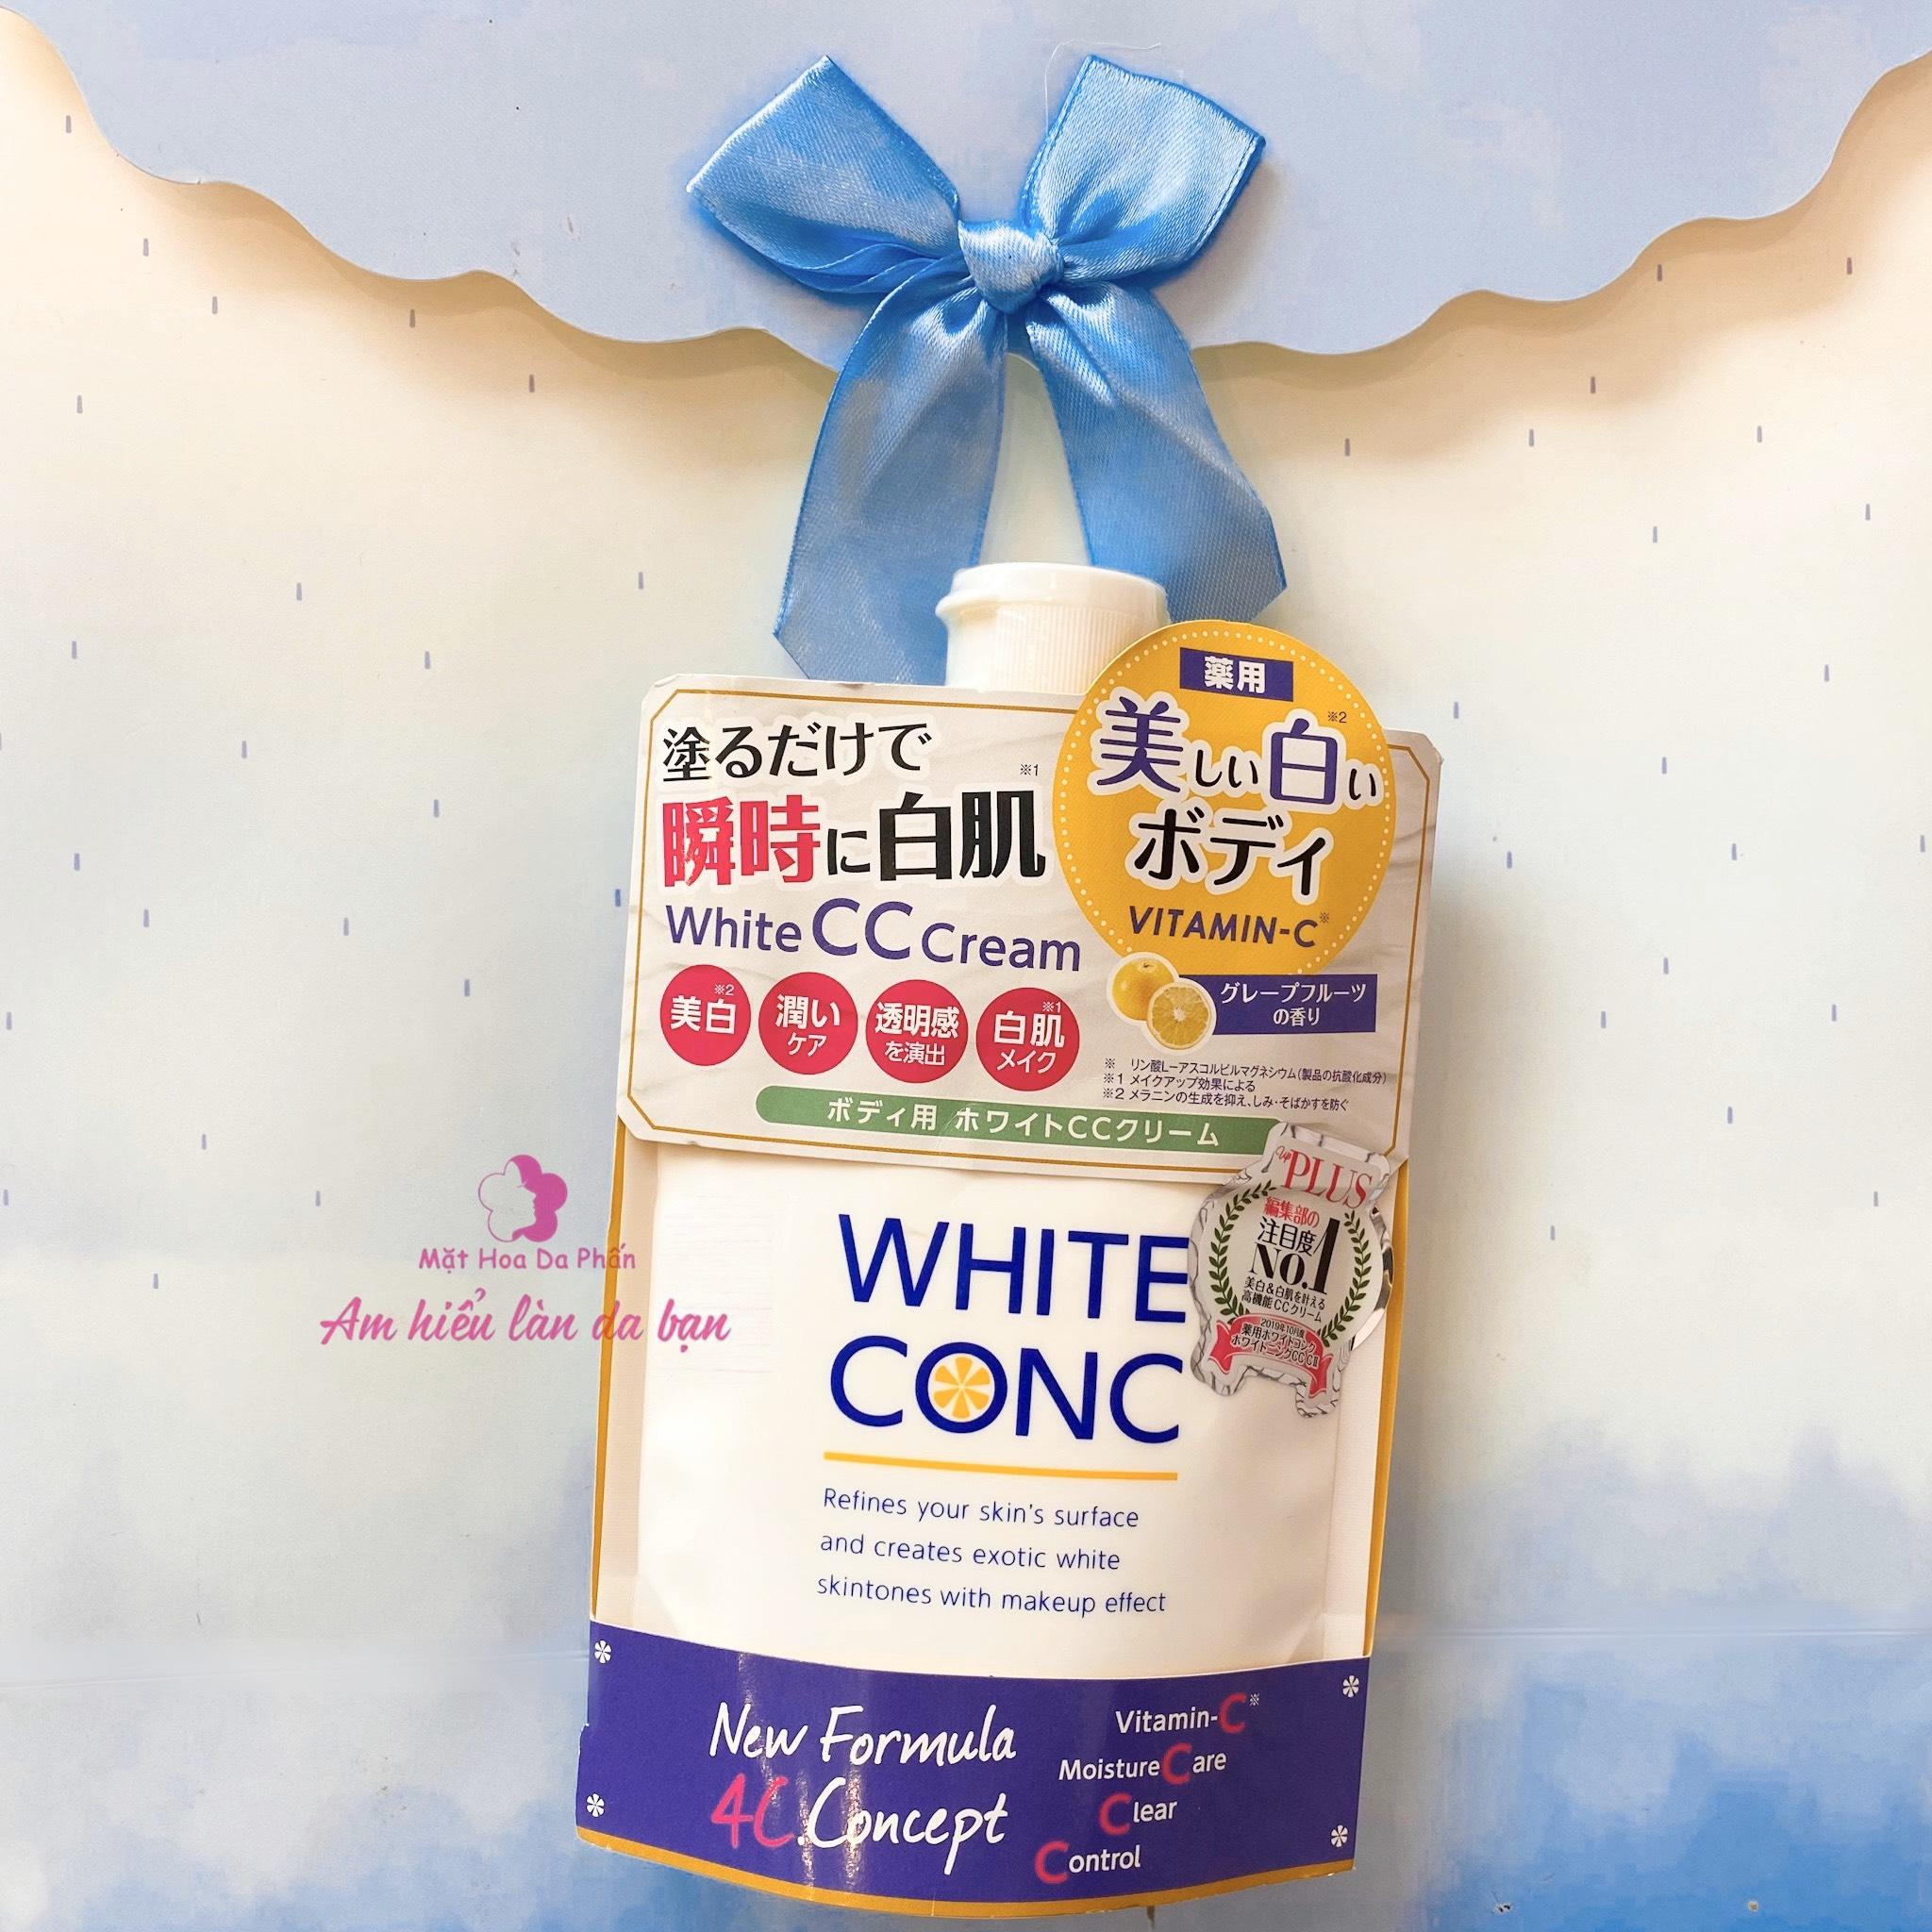 Kem Dưỡng Trắng Toàn Thân White Conc Body CC Cream